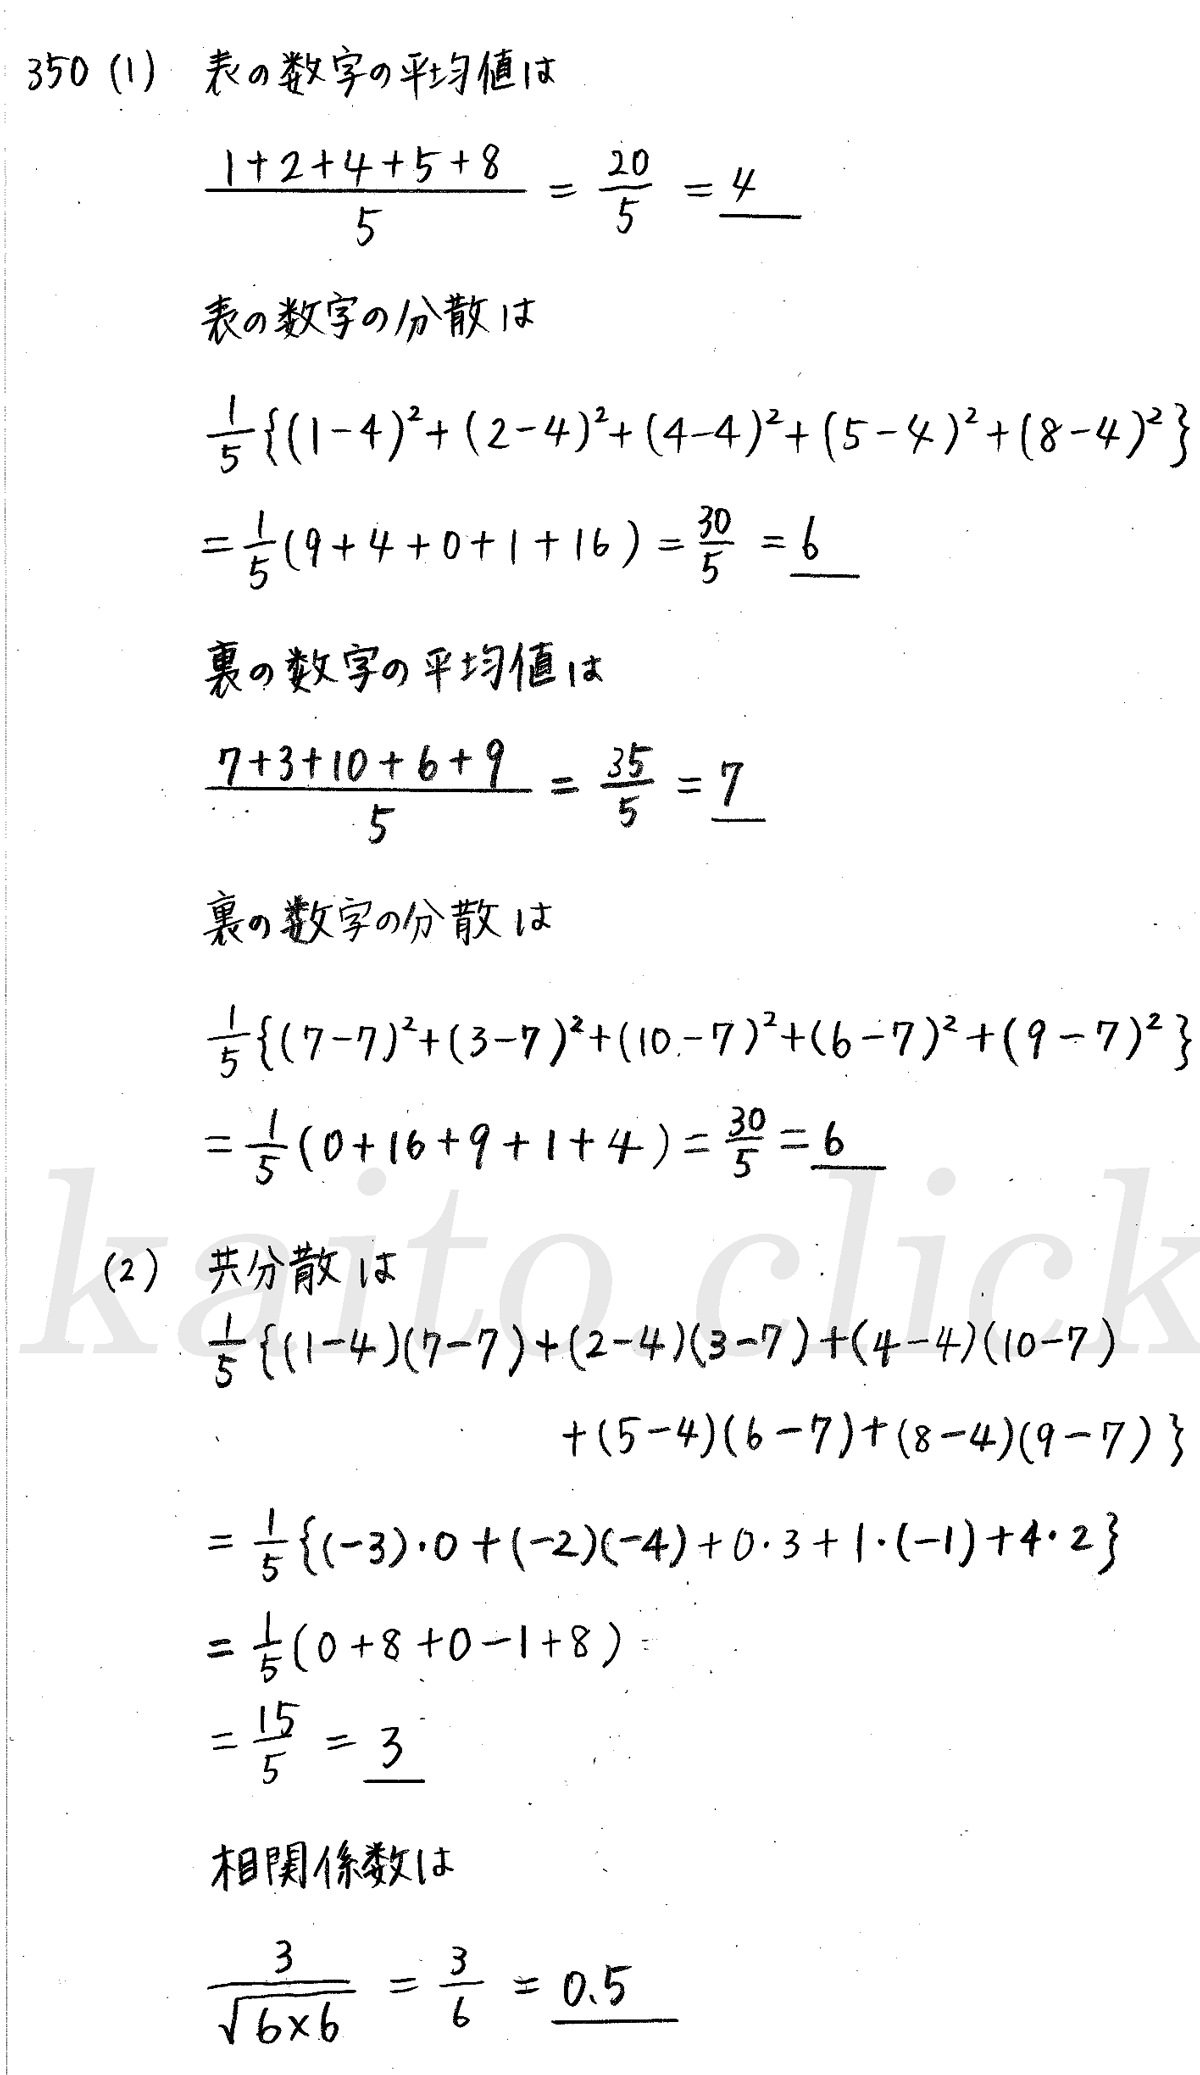 クリアー数学1-350解答